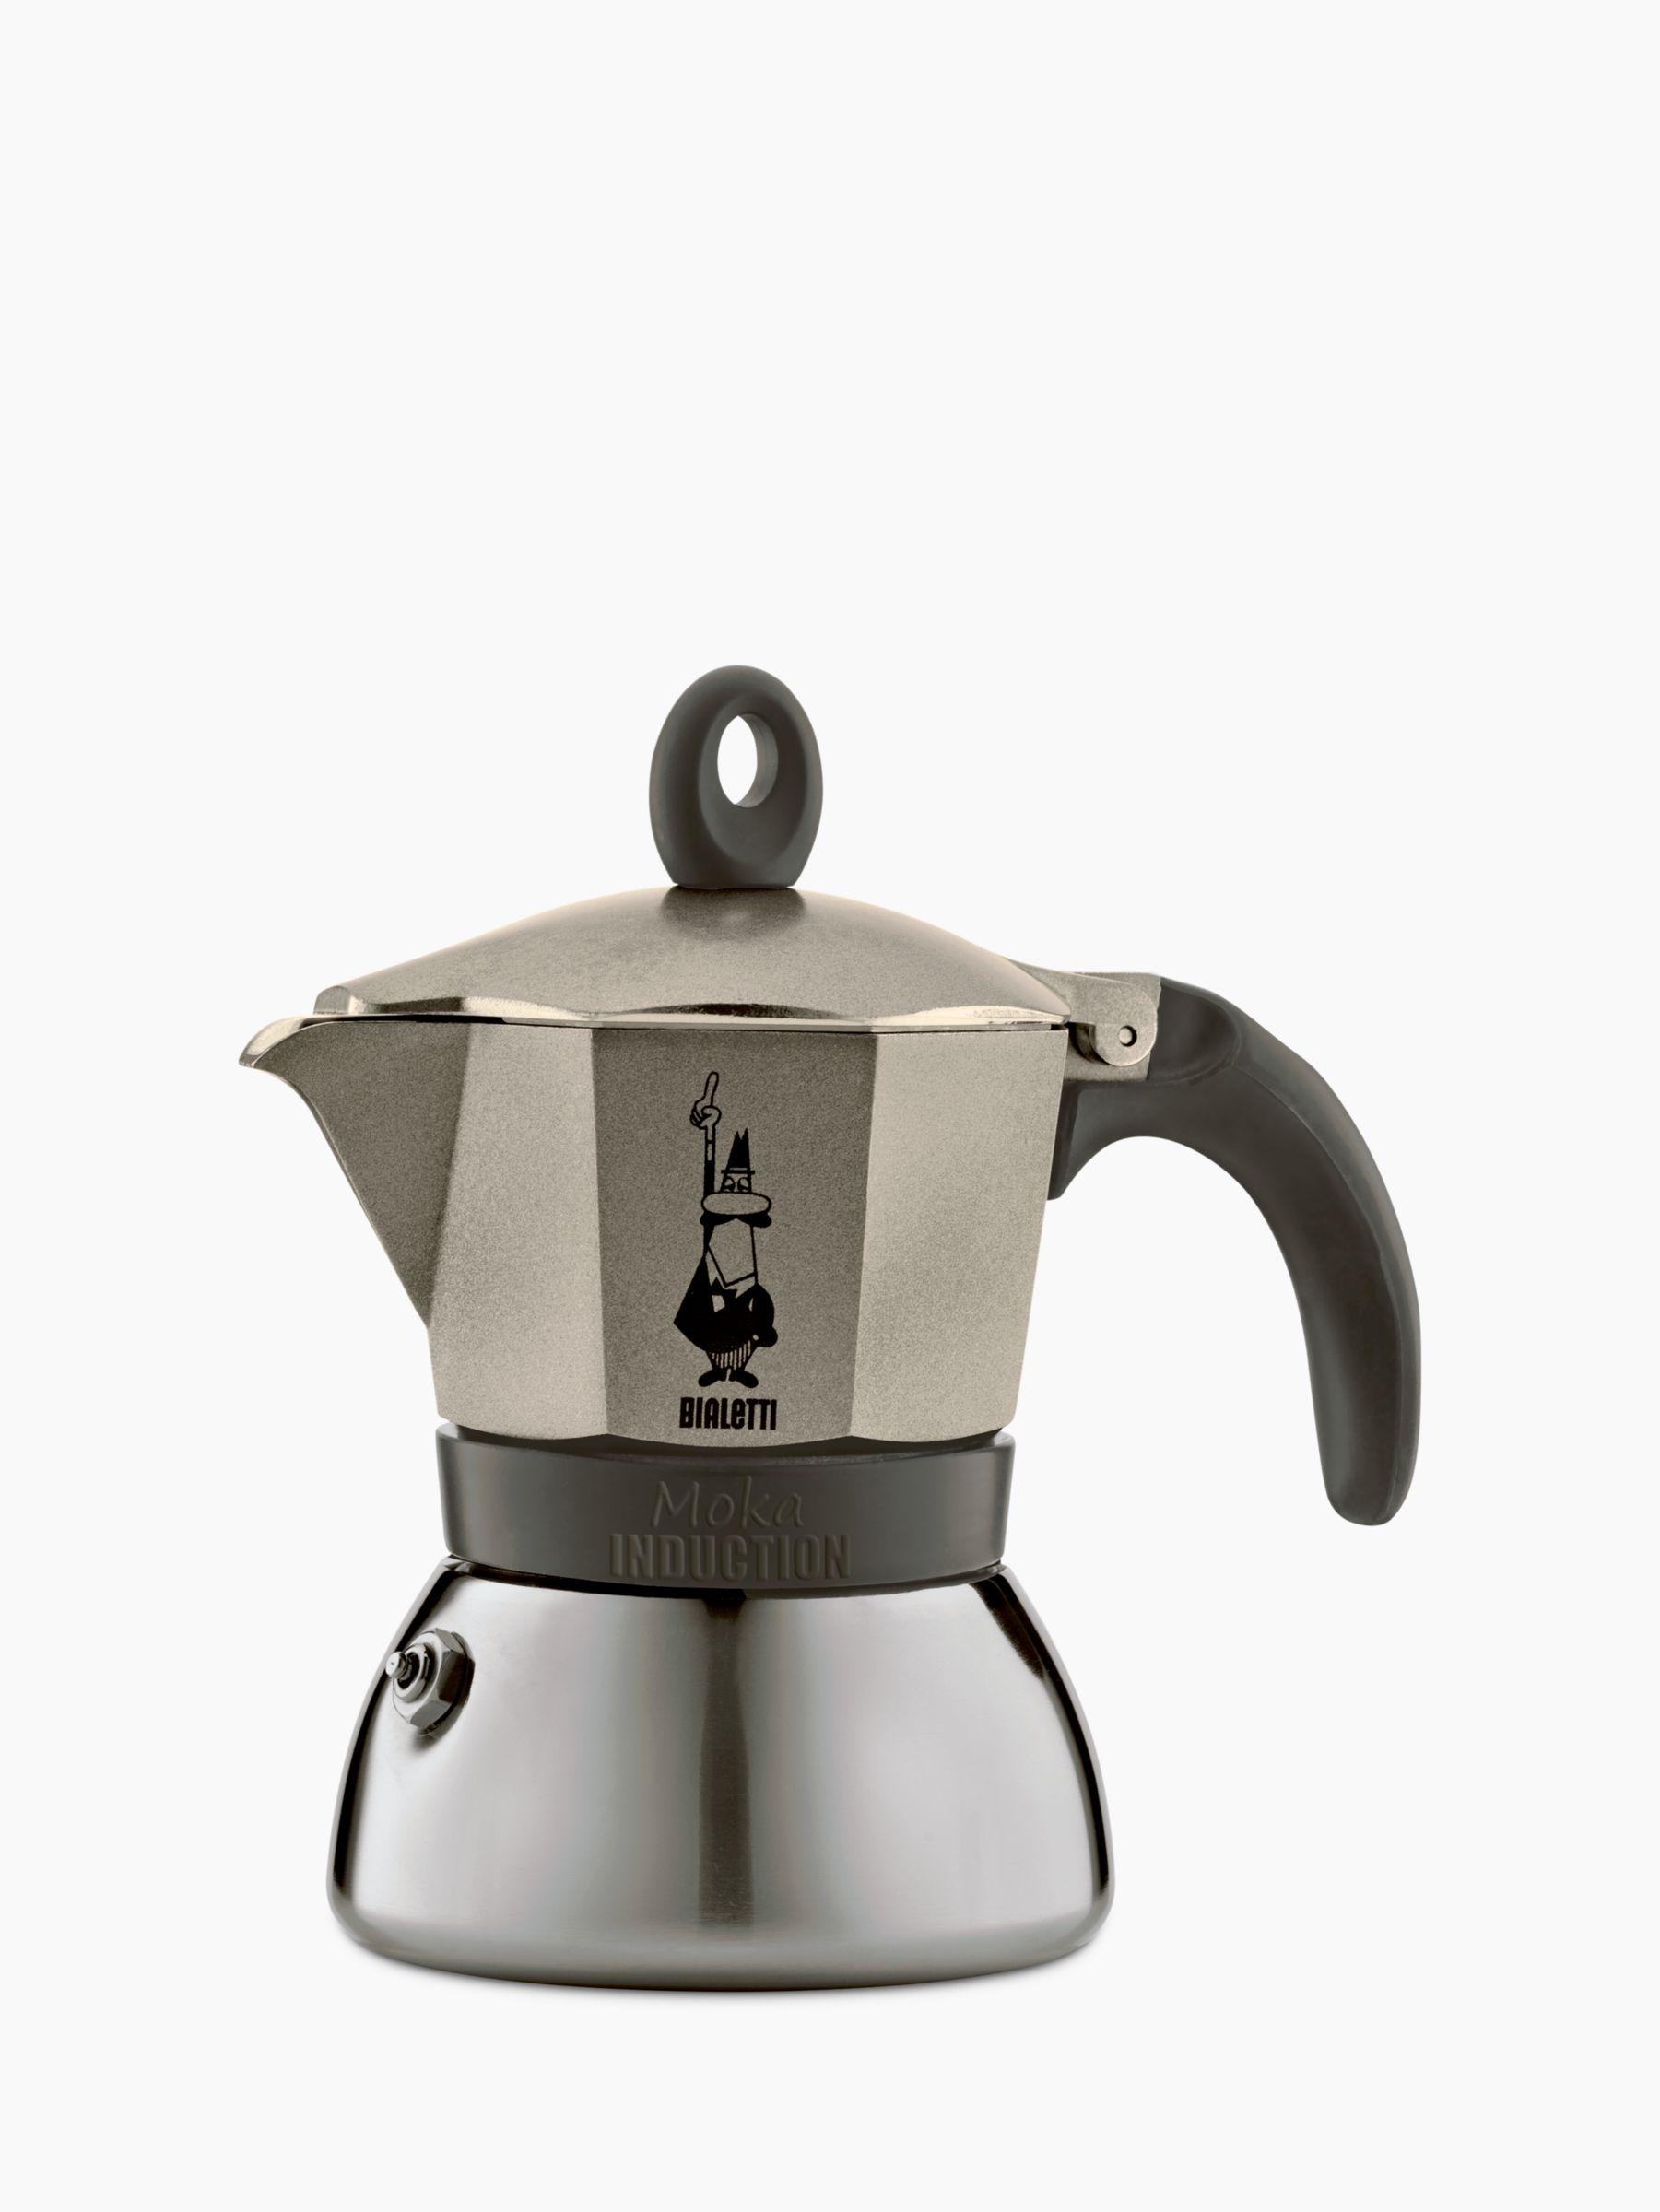 Bialetti Bialetti Moka Induction Coffee Maker, 6 Cup